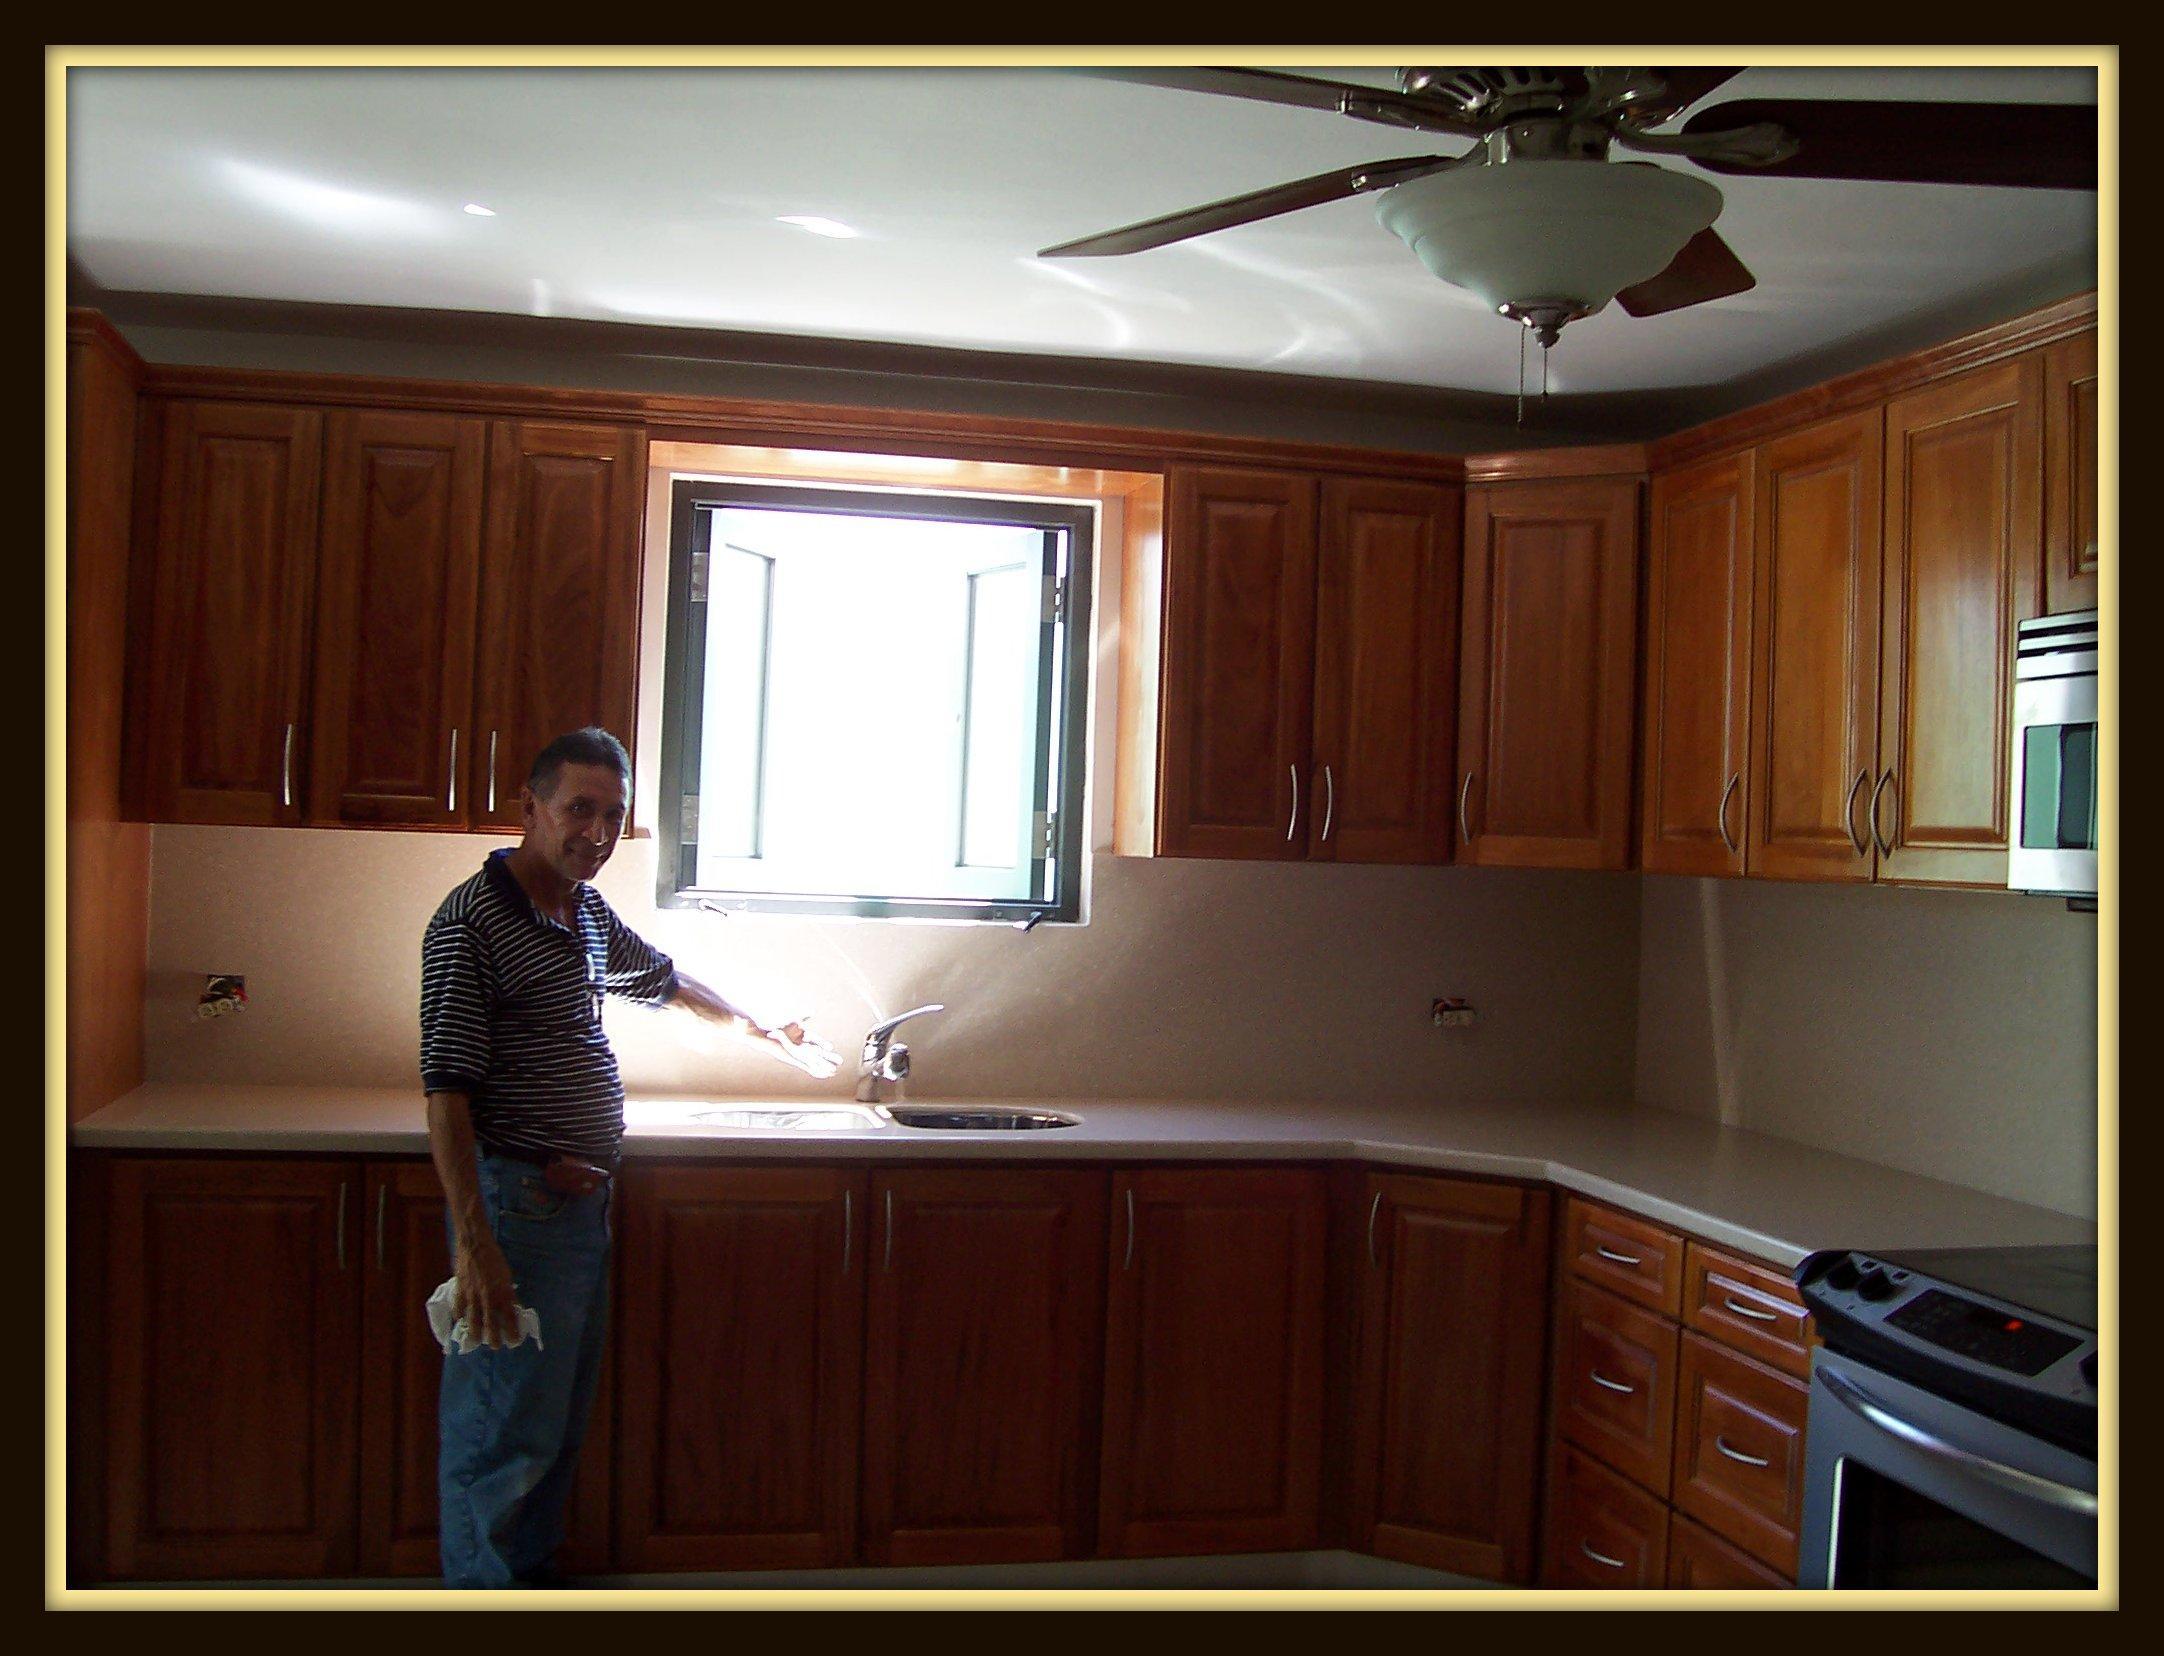 Gabinetes de cocina en caoba ocinel gabinetes de cocina en caoba trabajos en madera a la medida gabinetes de cocina vanity thecheapjerseys Gallery